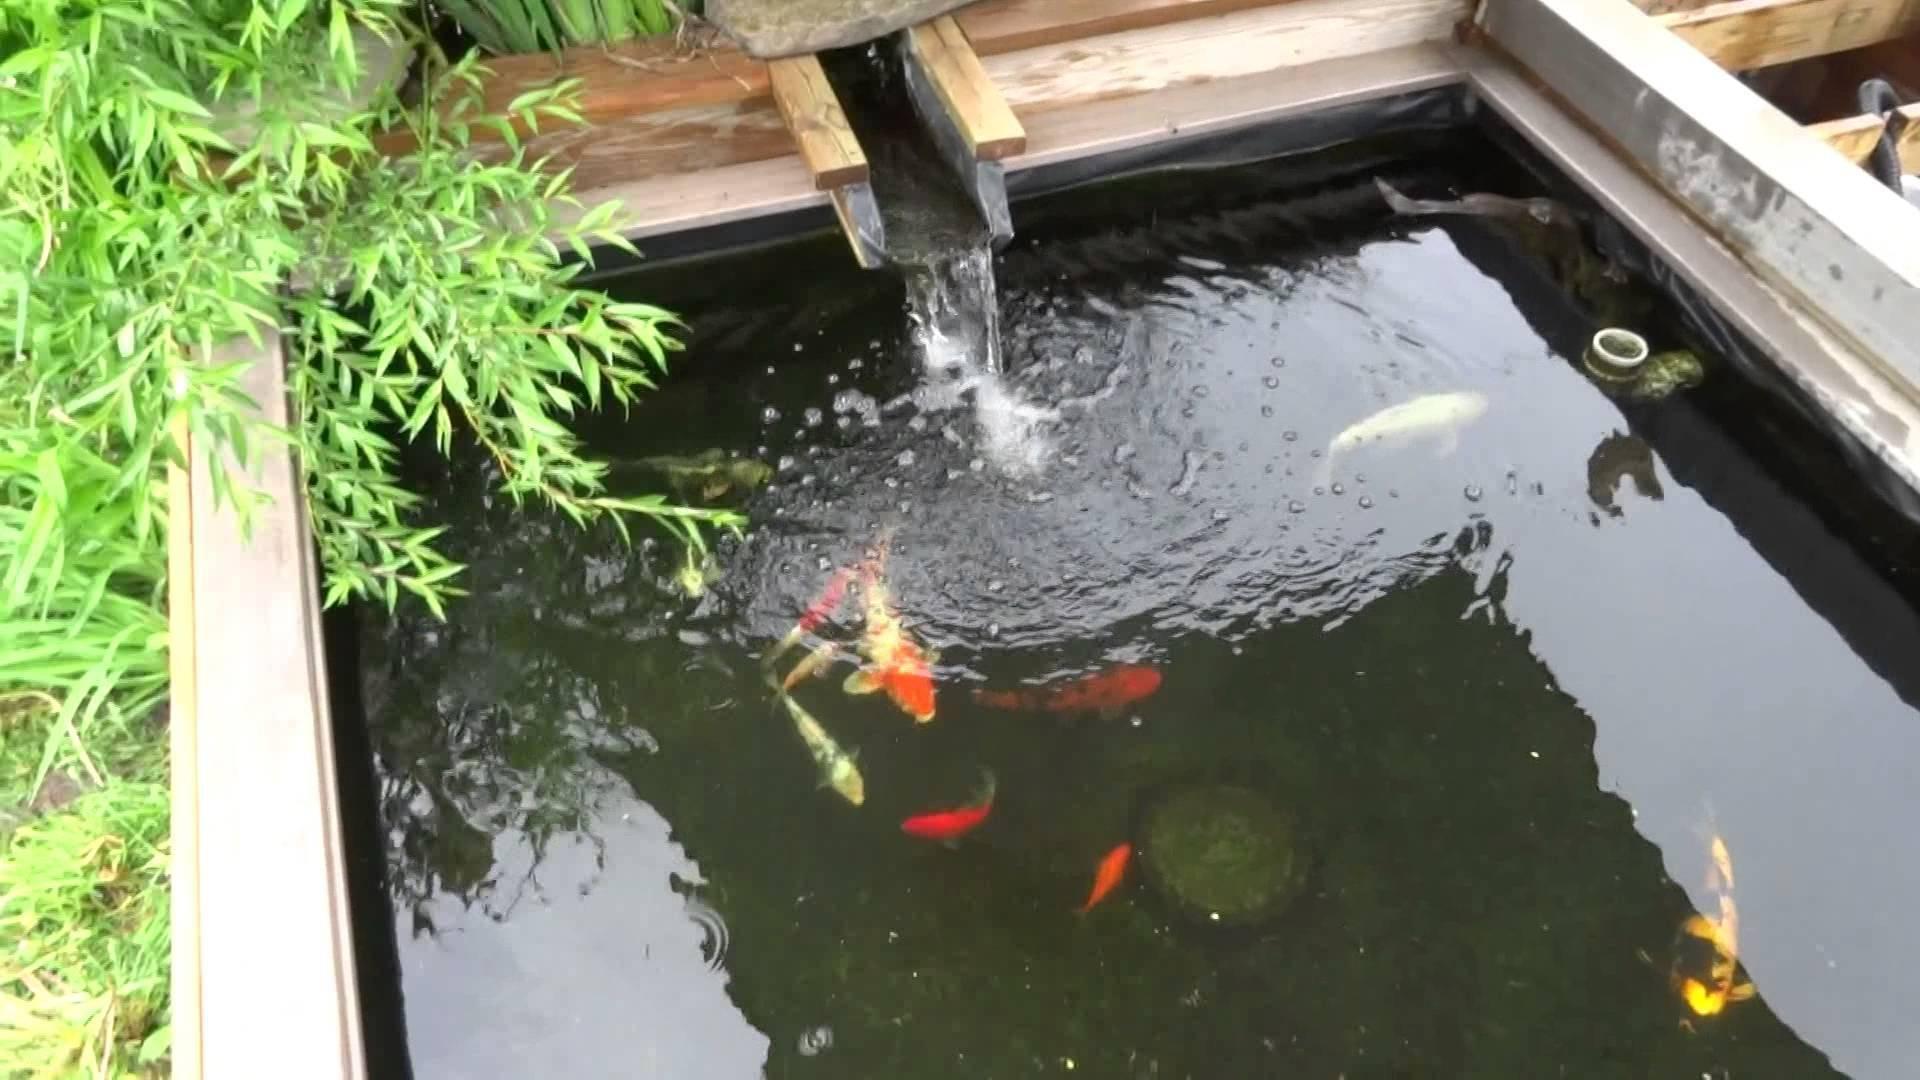 Разведение рыбы в пруду на даче: сооружение водоема, заселение его рыбами, выбор корма